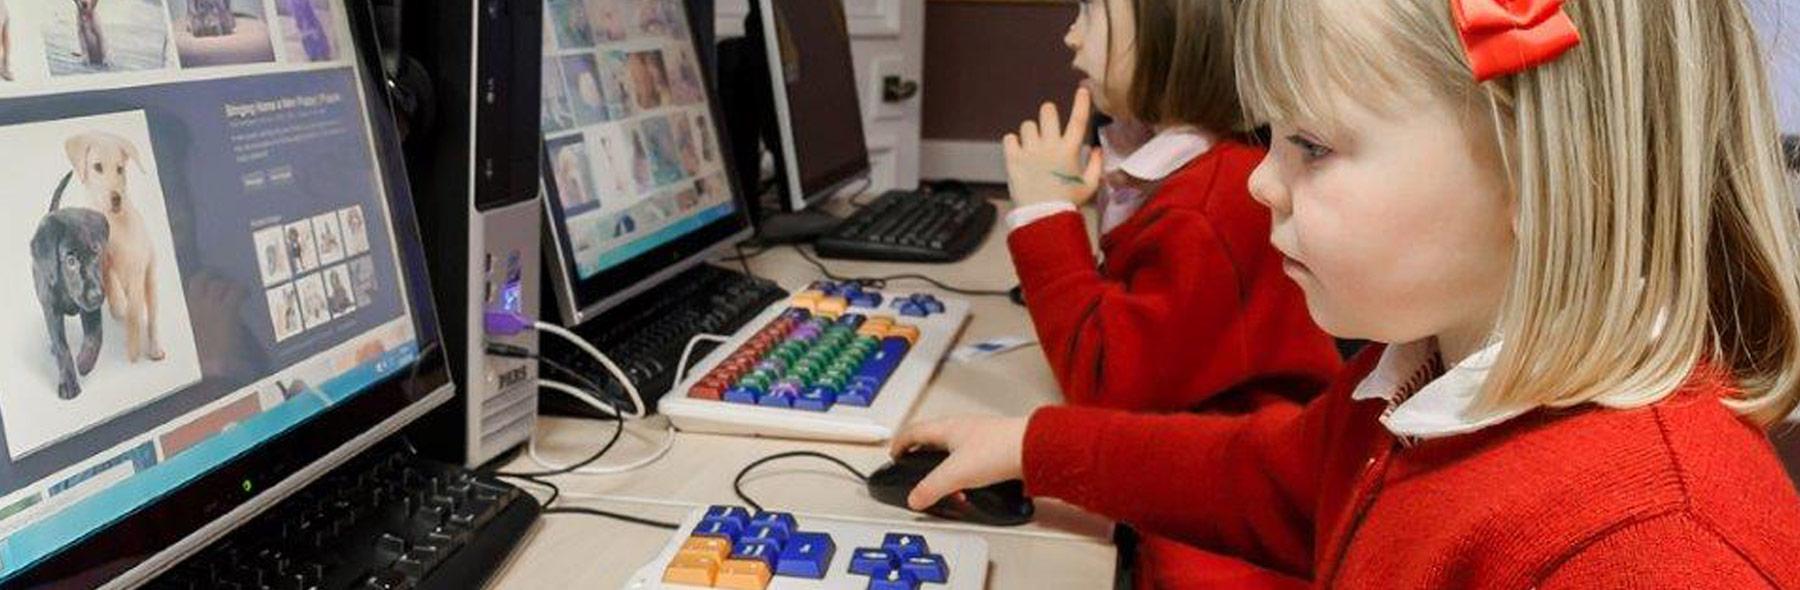 computing2